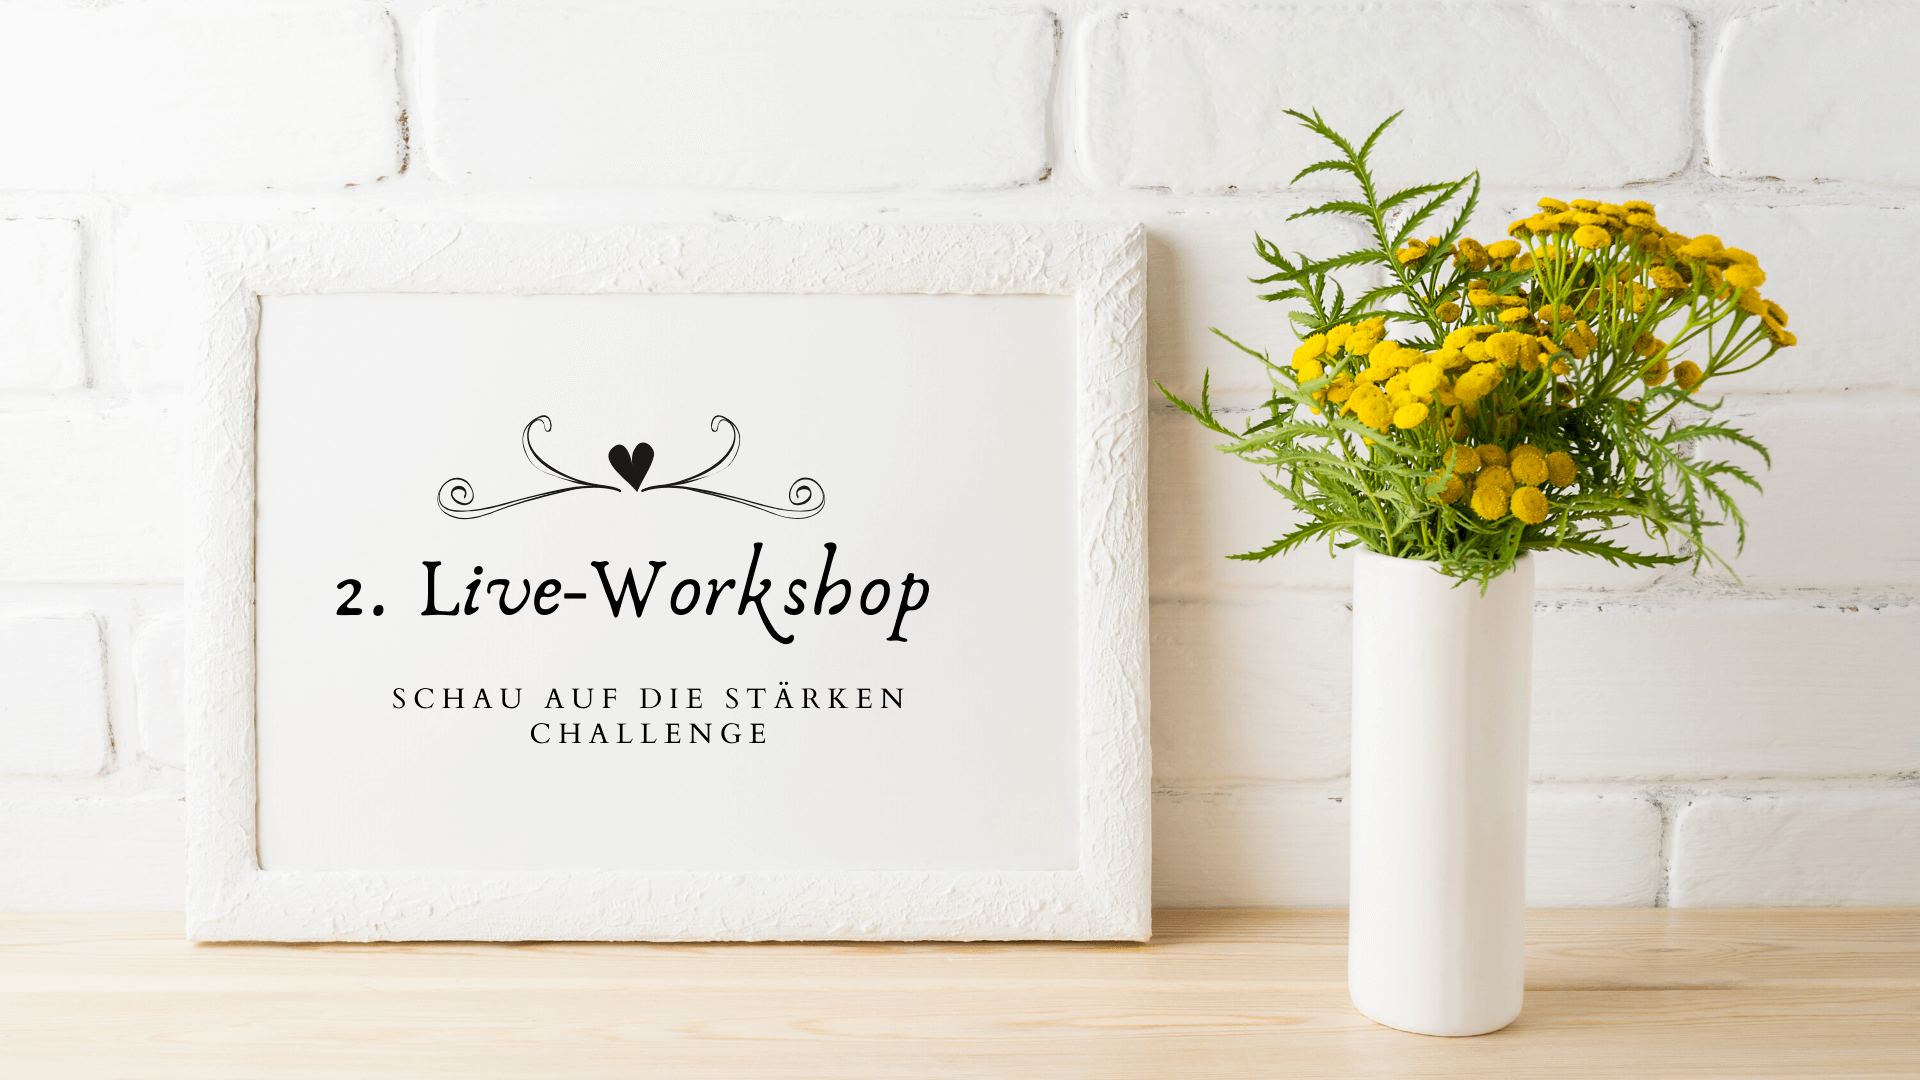 Stärken CHALLENGE Live-Workshop 2